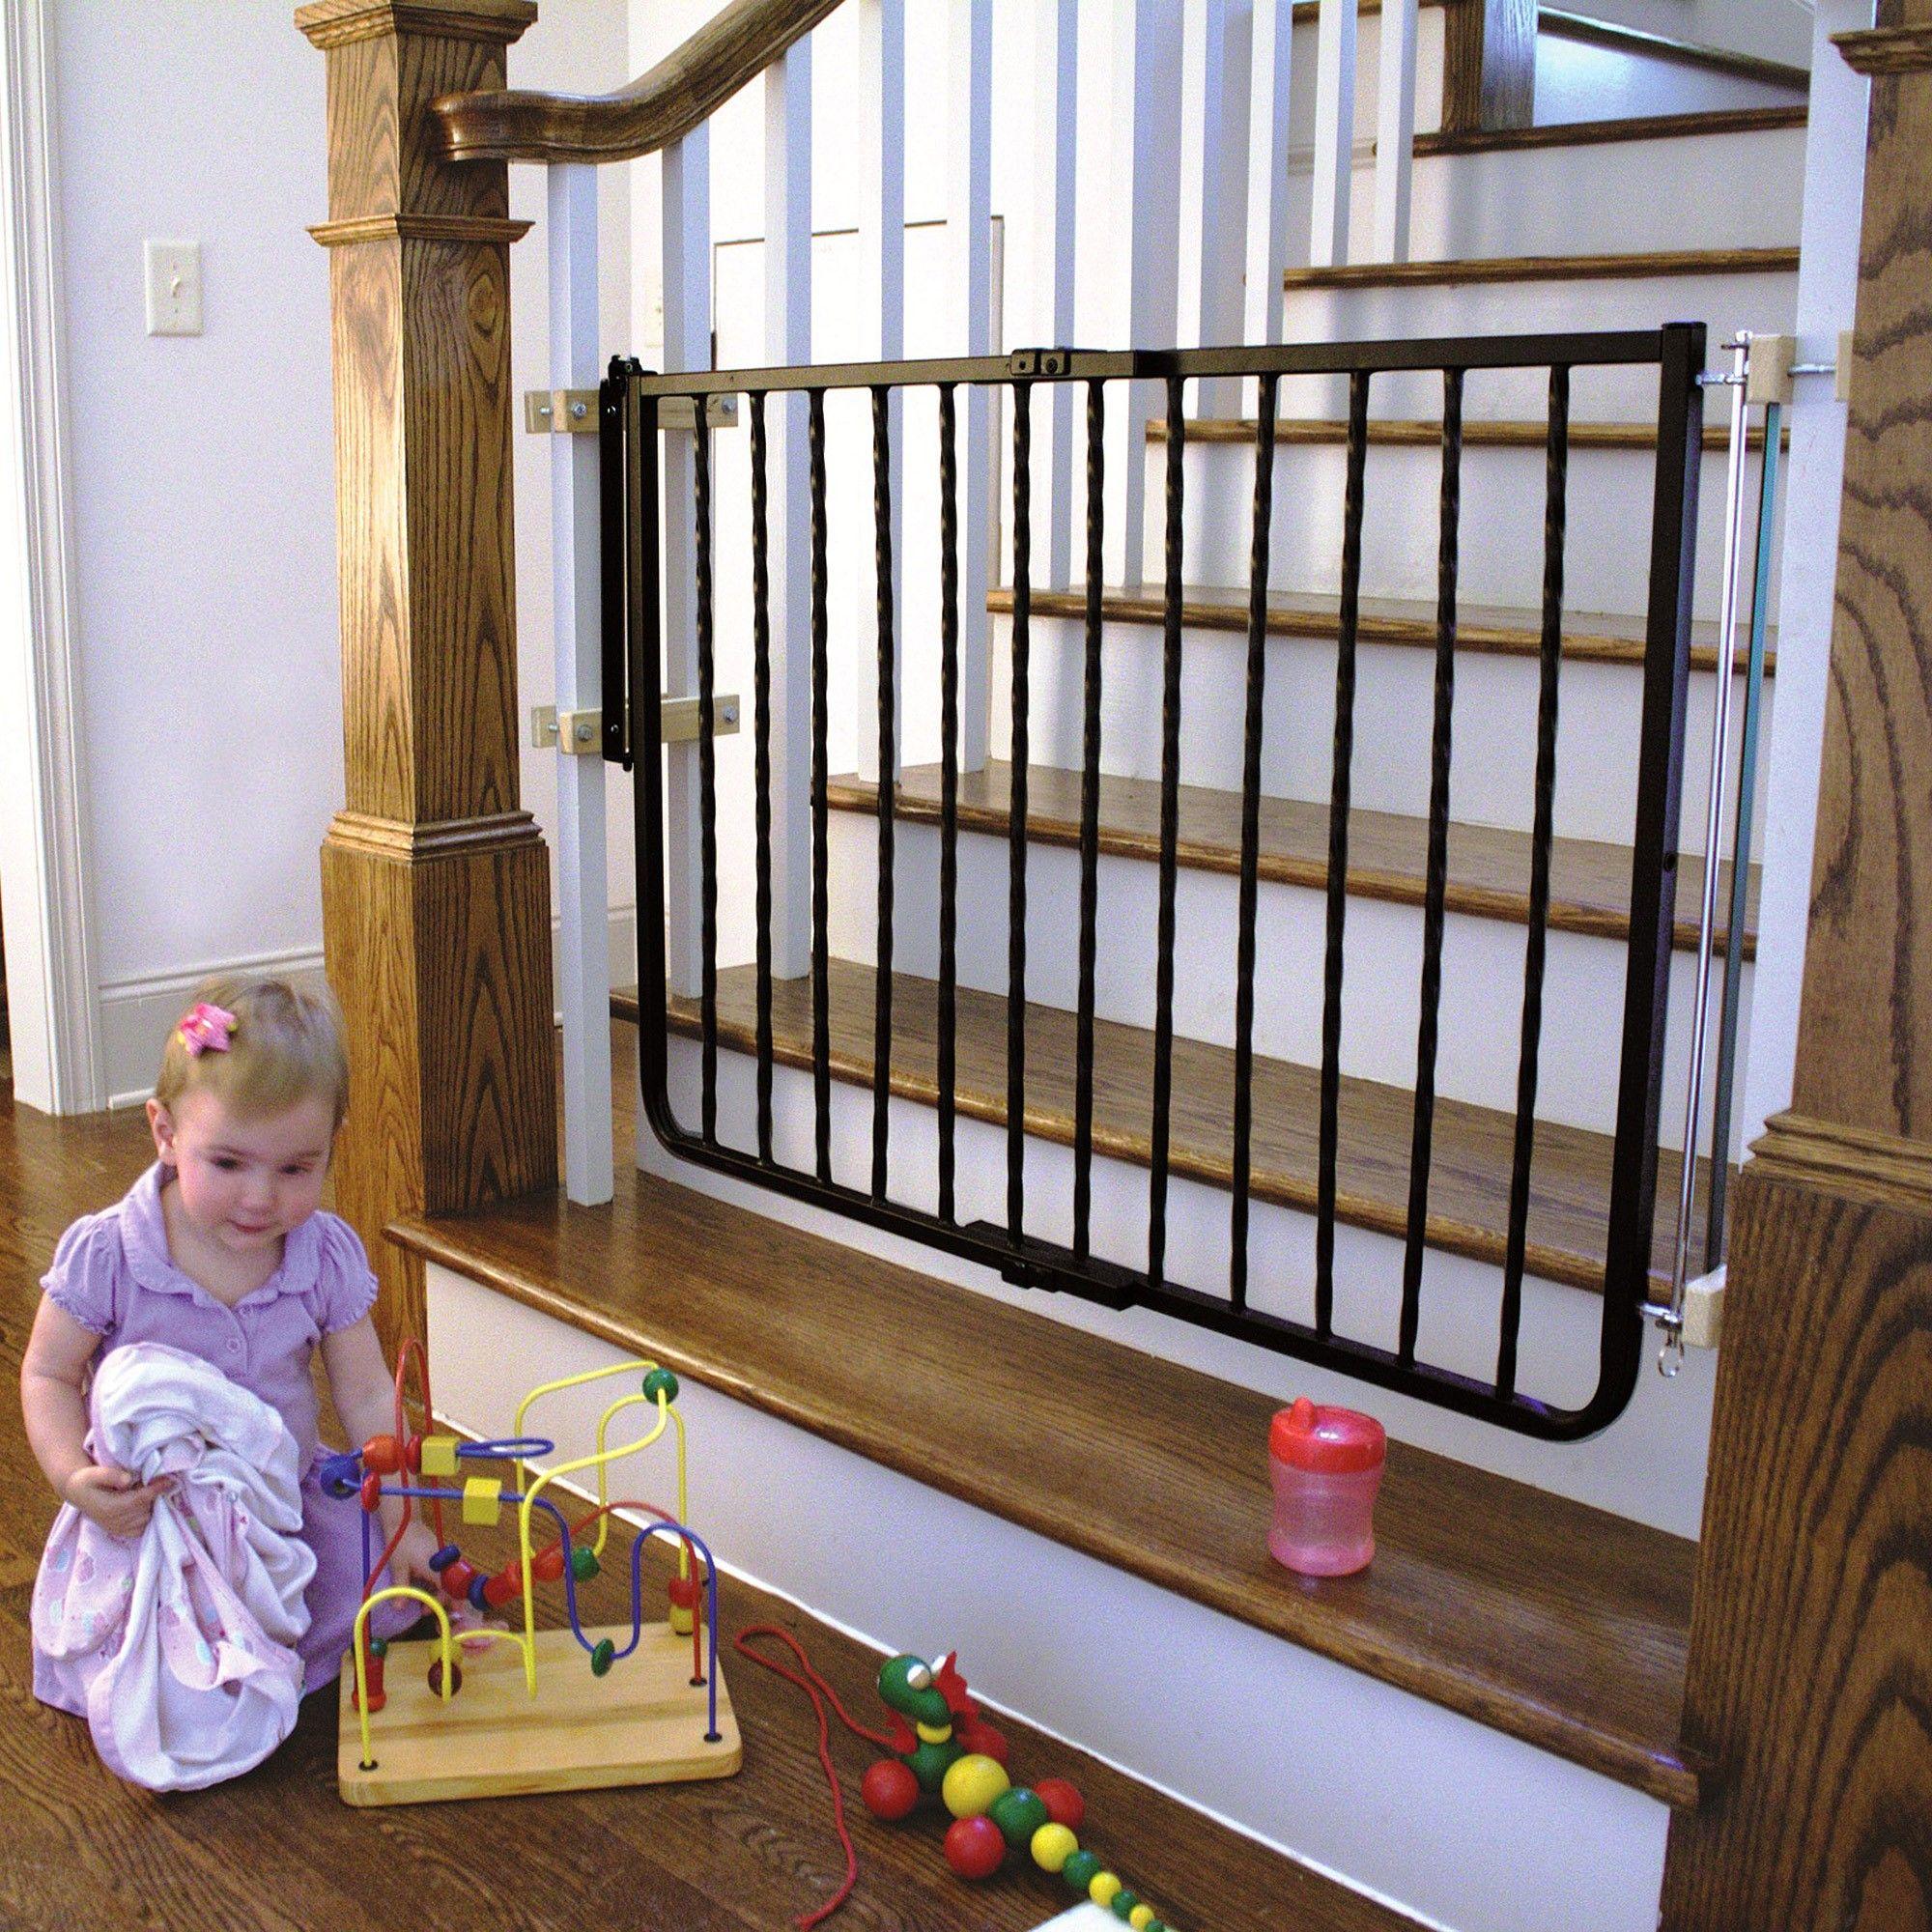 Babyproofing 101 Wrought iron decor, Baby gates, Iron decor